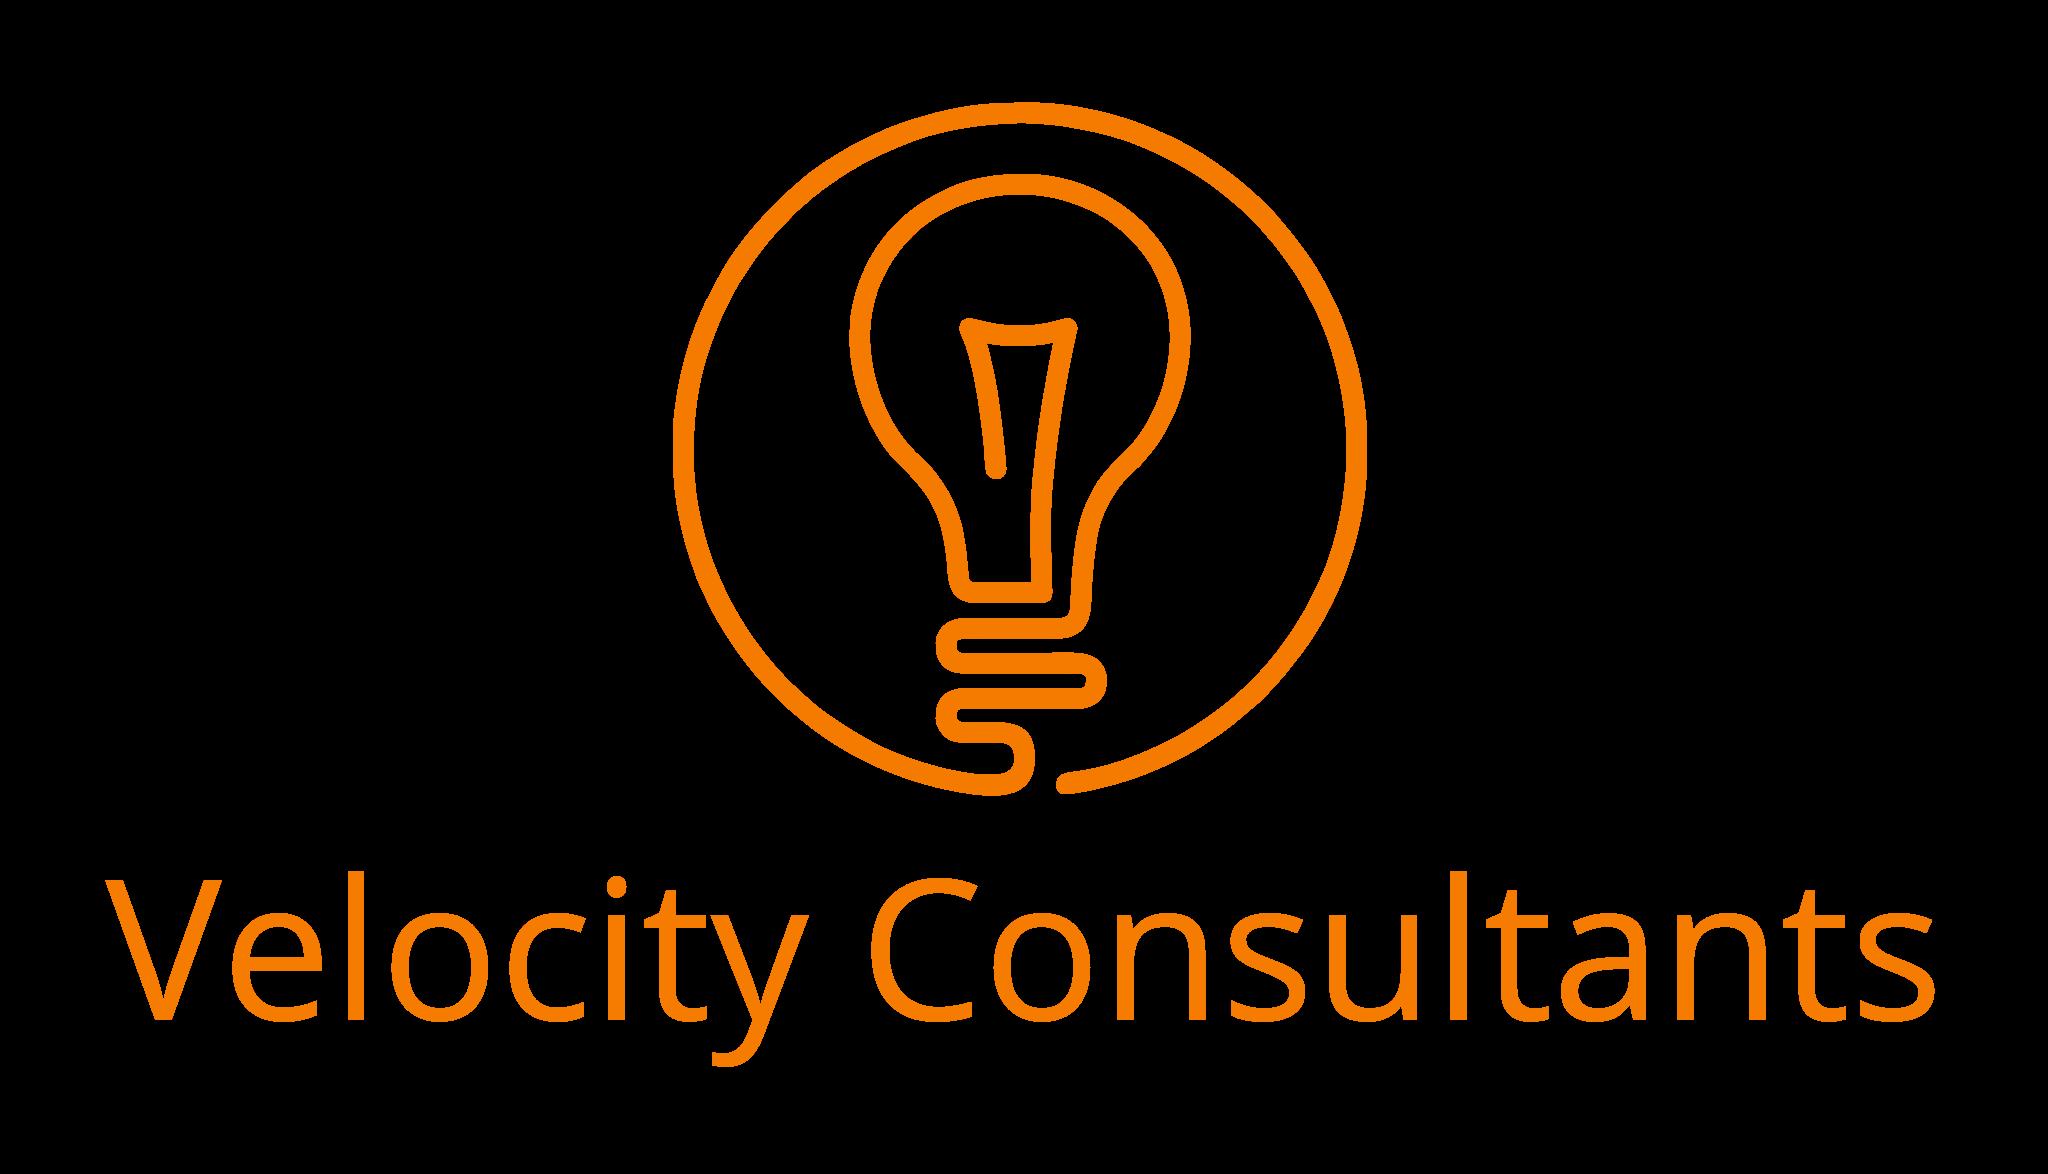 Velocity Consultants